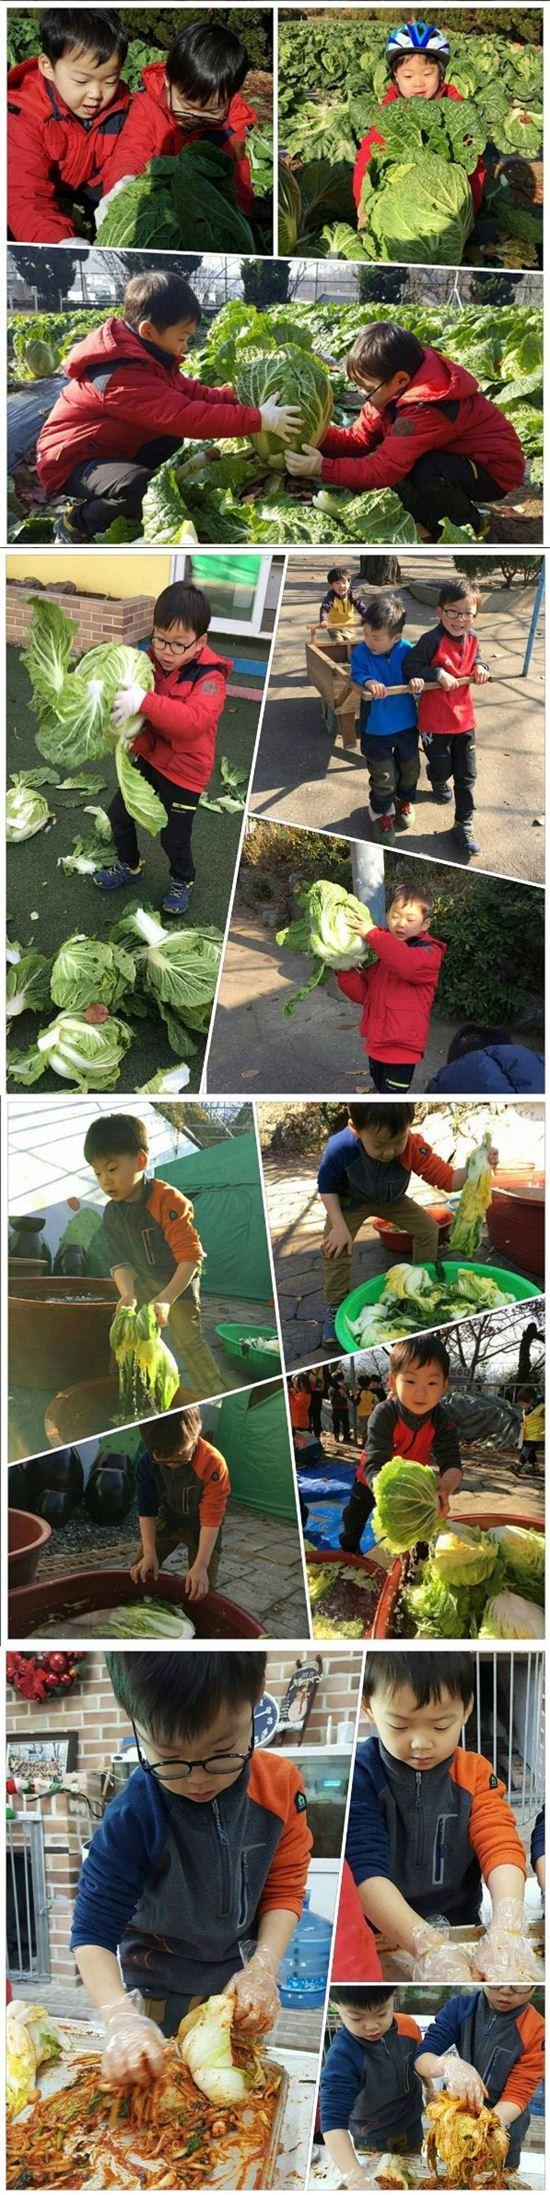 ▲삼둥이가 다니는 유치원에서 김장체험을 하고 있다. (사진=송일국 인스타그램)